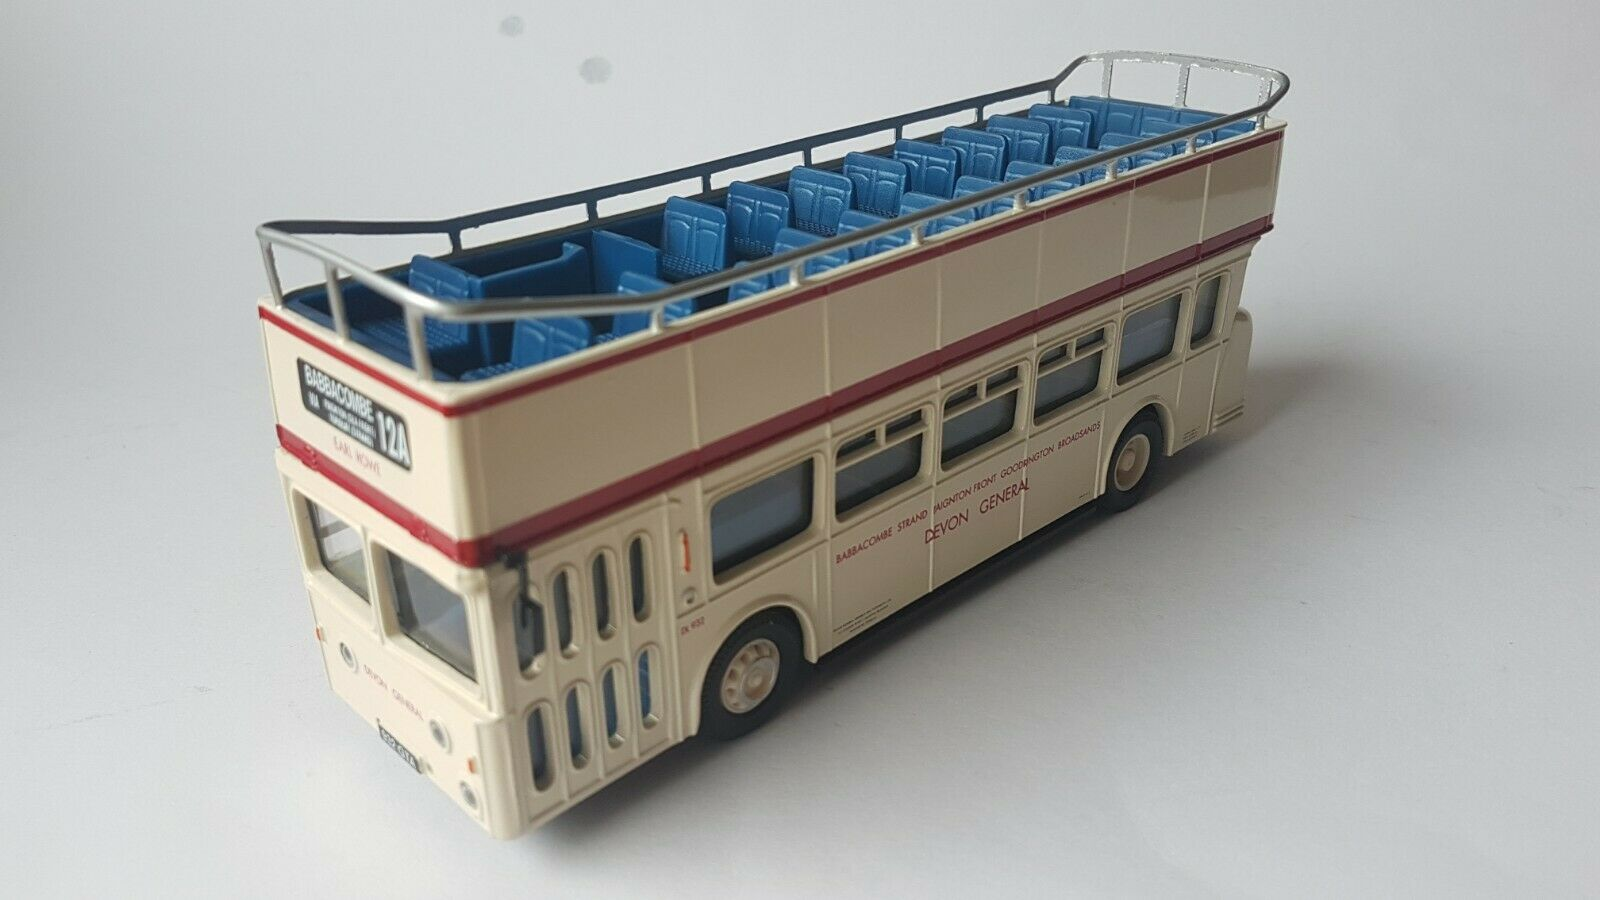 Corgi bus Devon général  Babbacombe  1 50